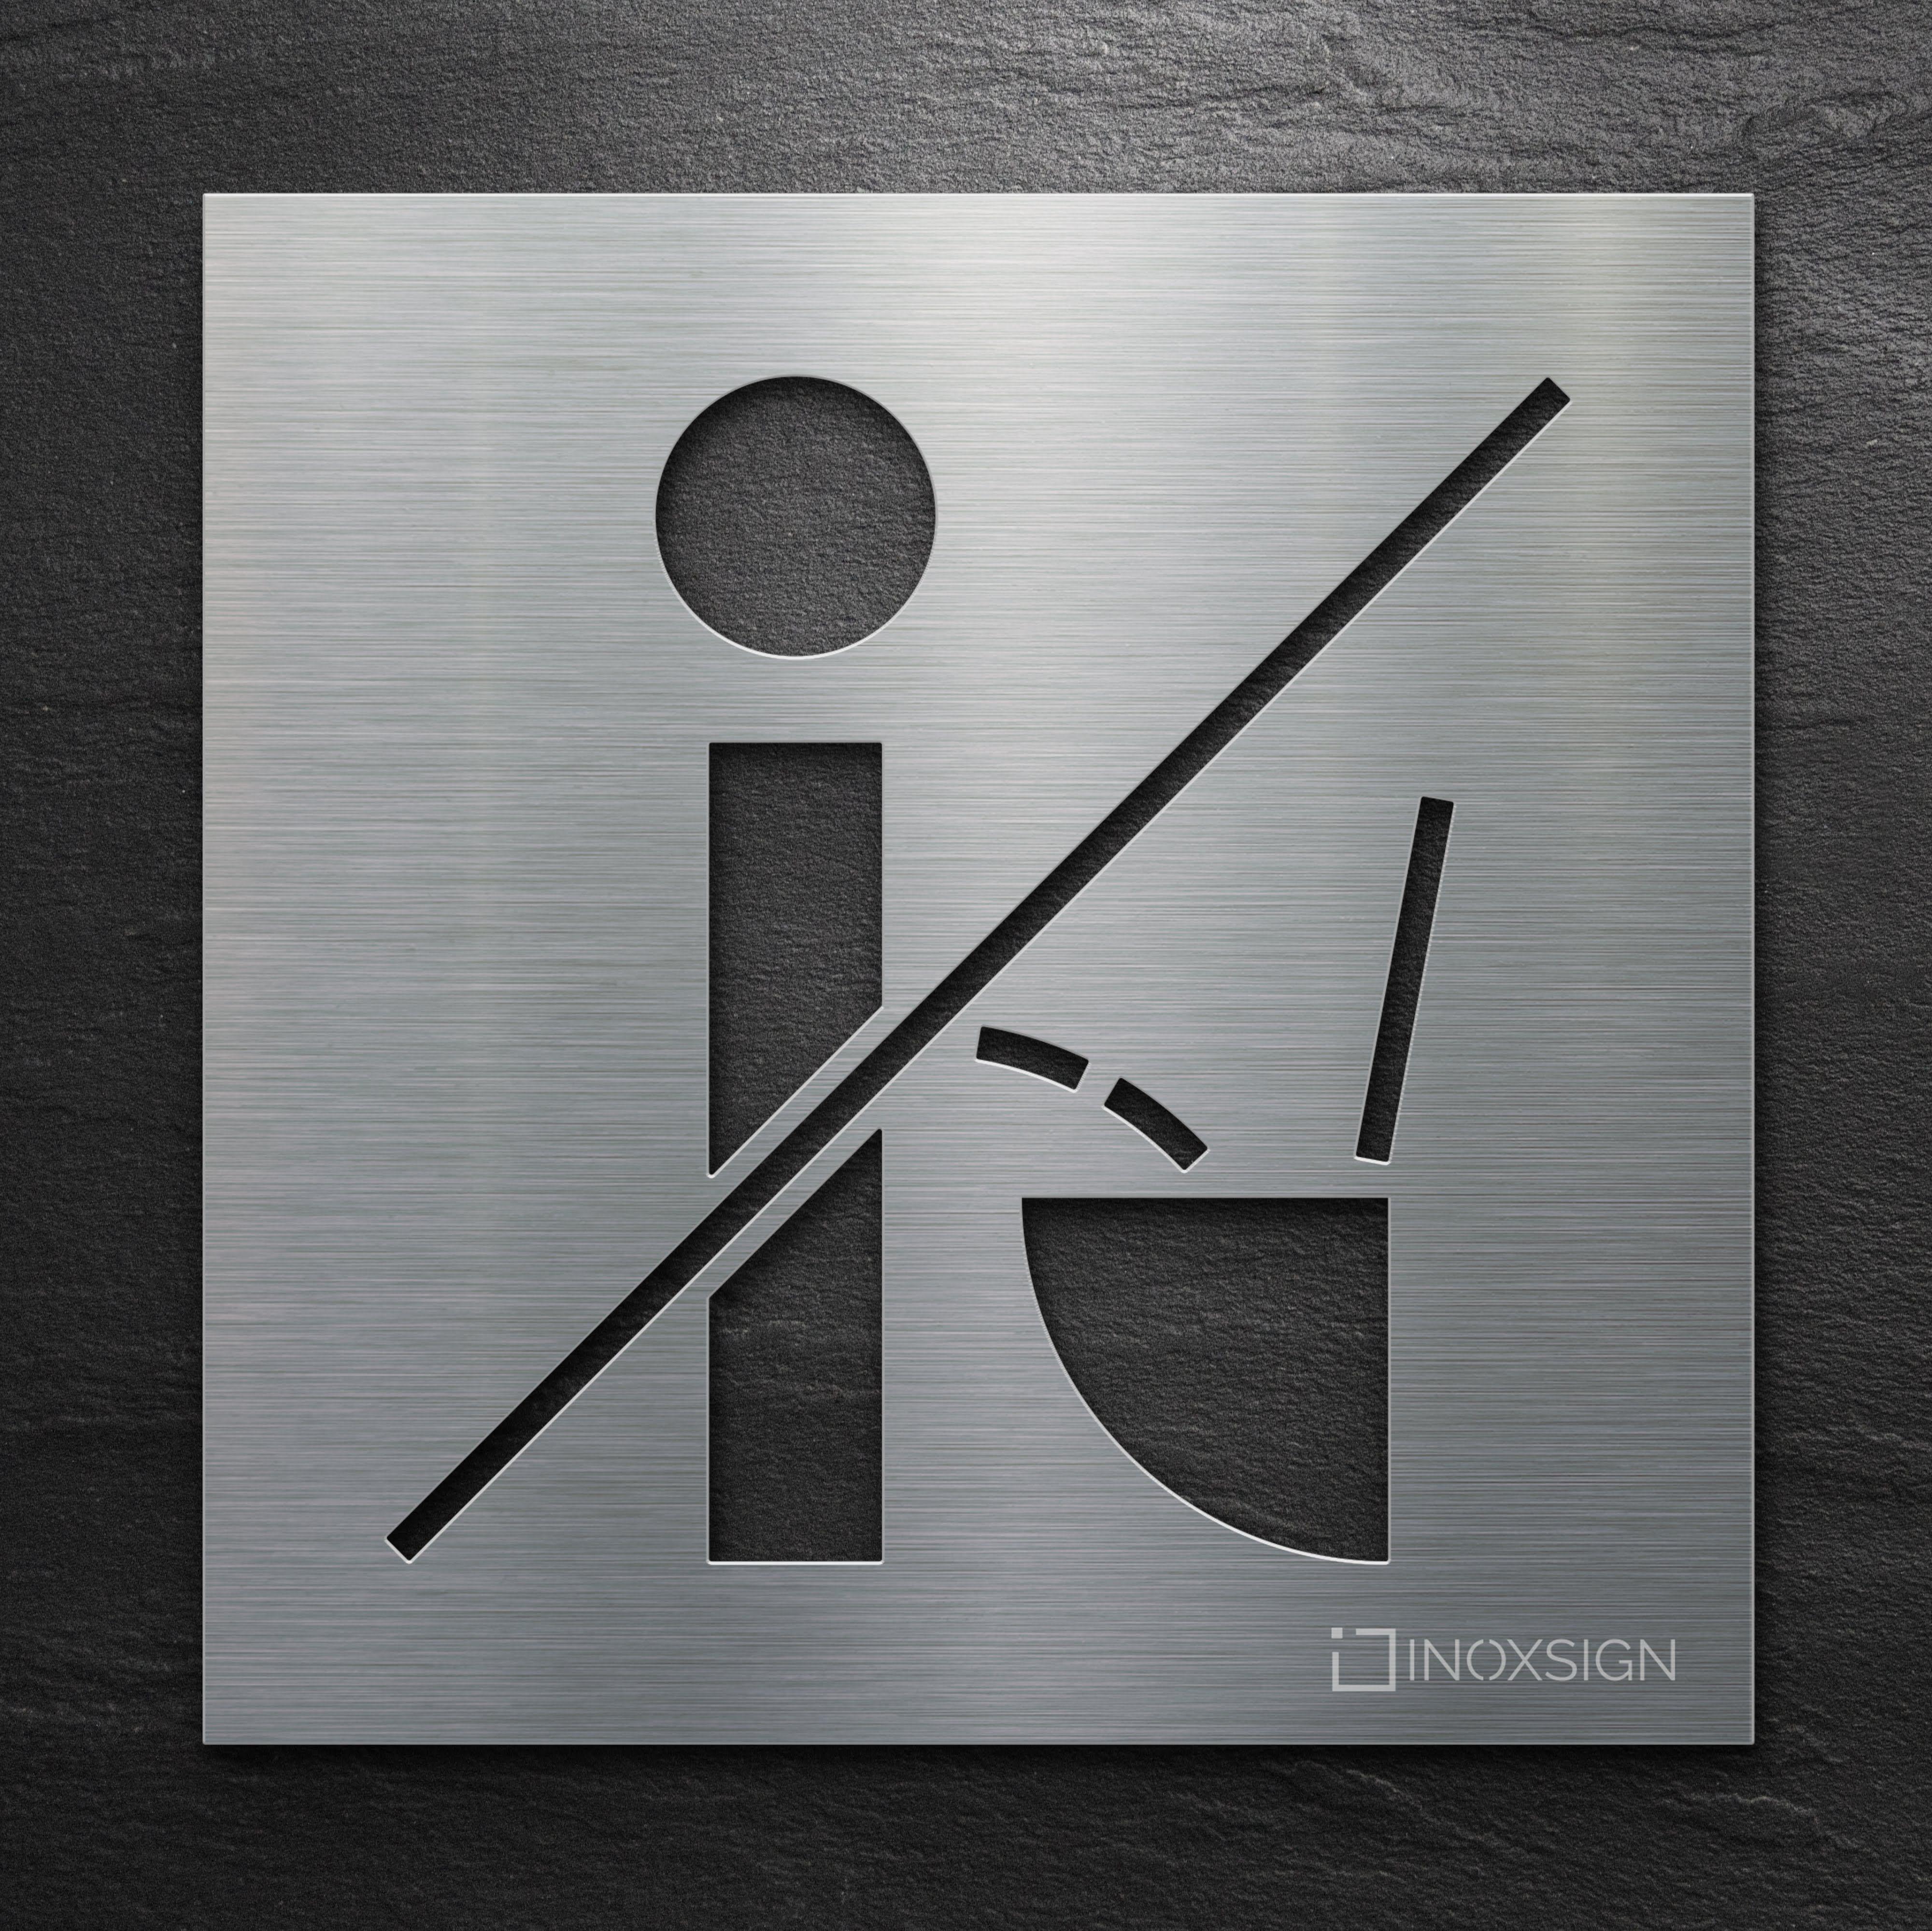 Edelstahl Wc Schild Modernes Toilettenschild Stainless Steel Wc Sign Modern Toilet Sign Wc Schild Toilettenschilder Toiletten Schilder